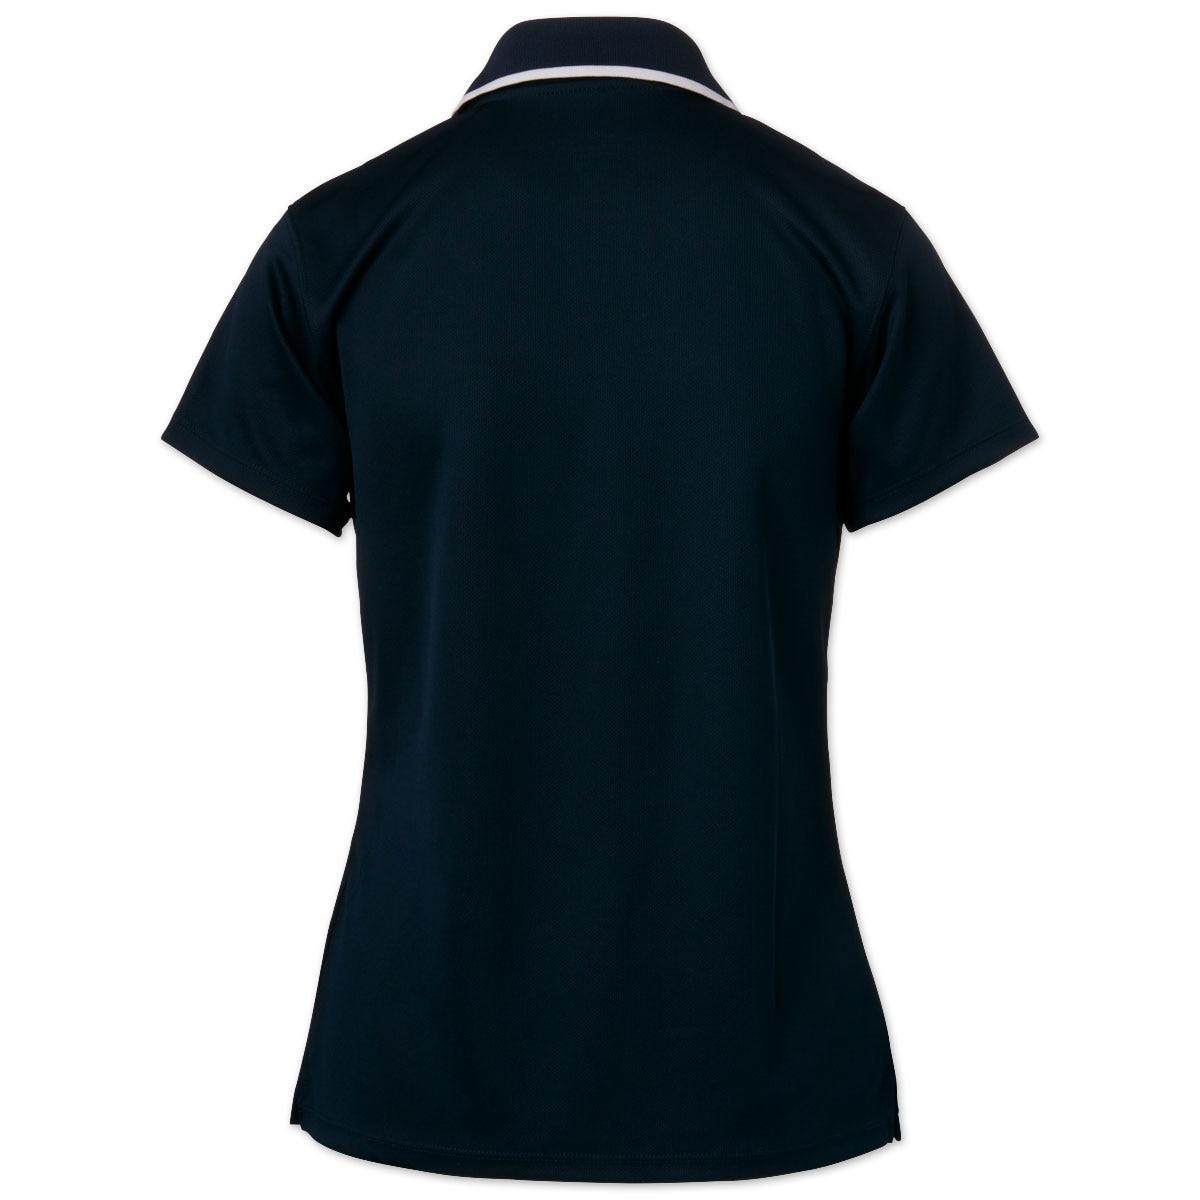 Womens Wicking Polo Shirt